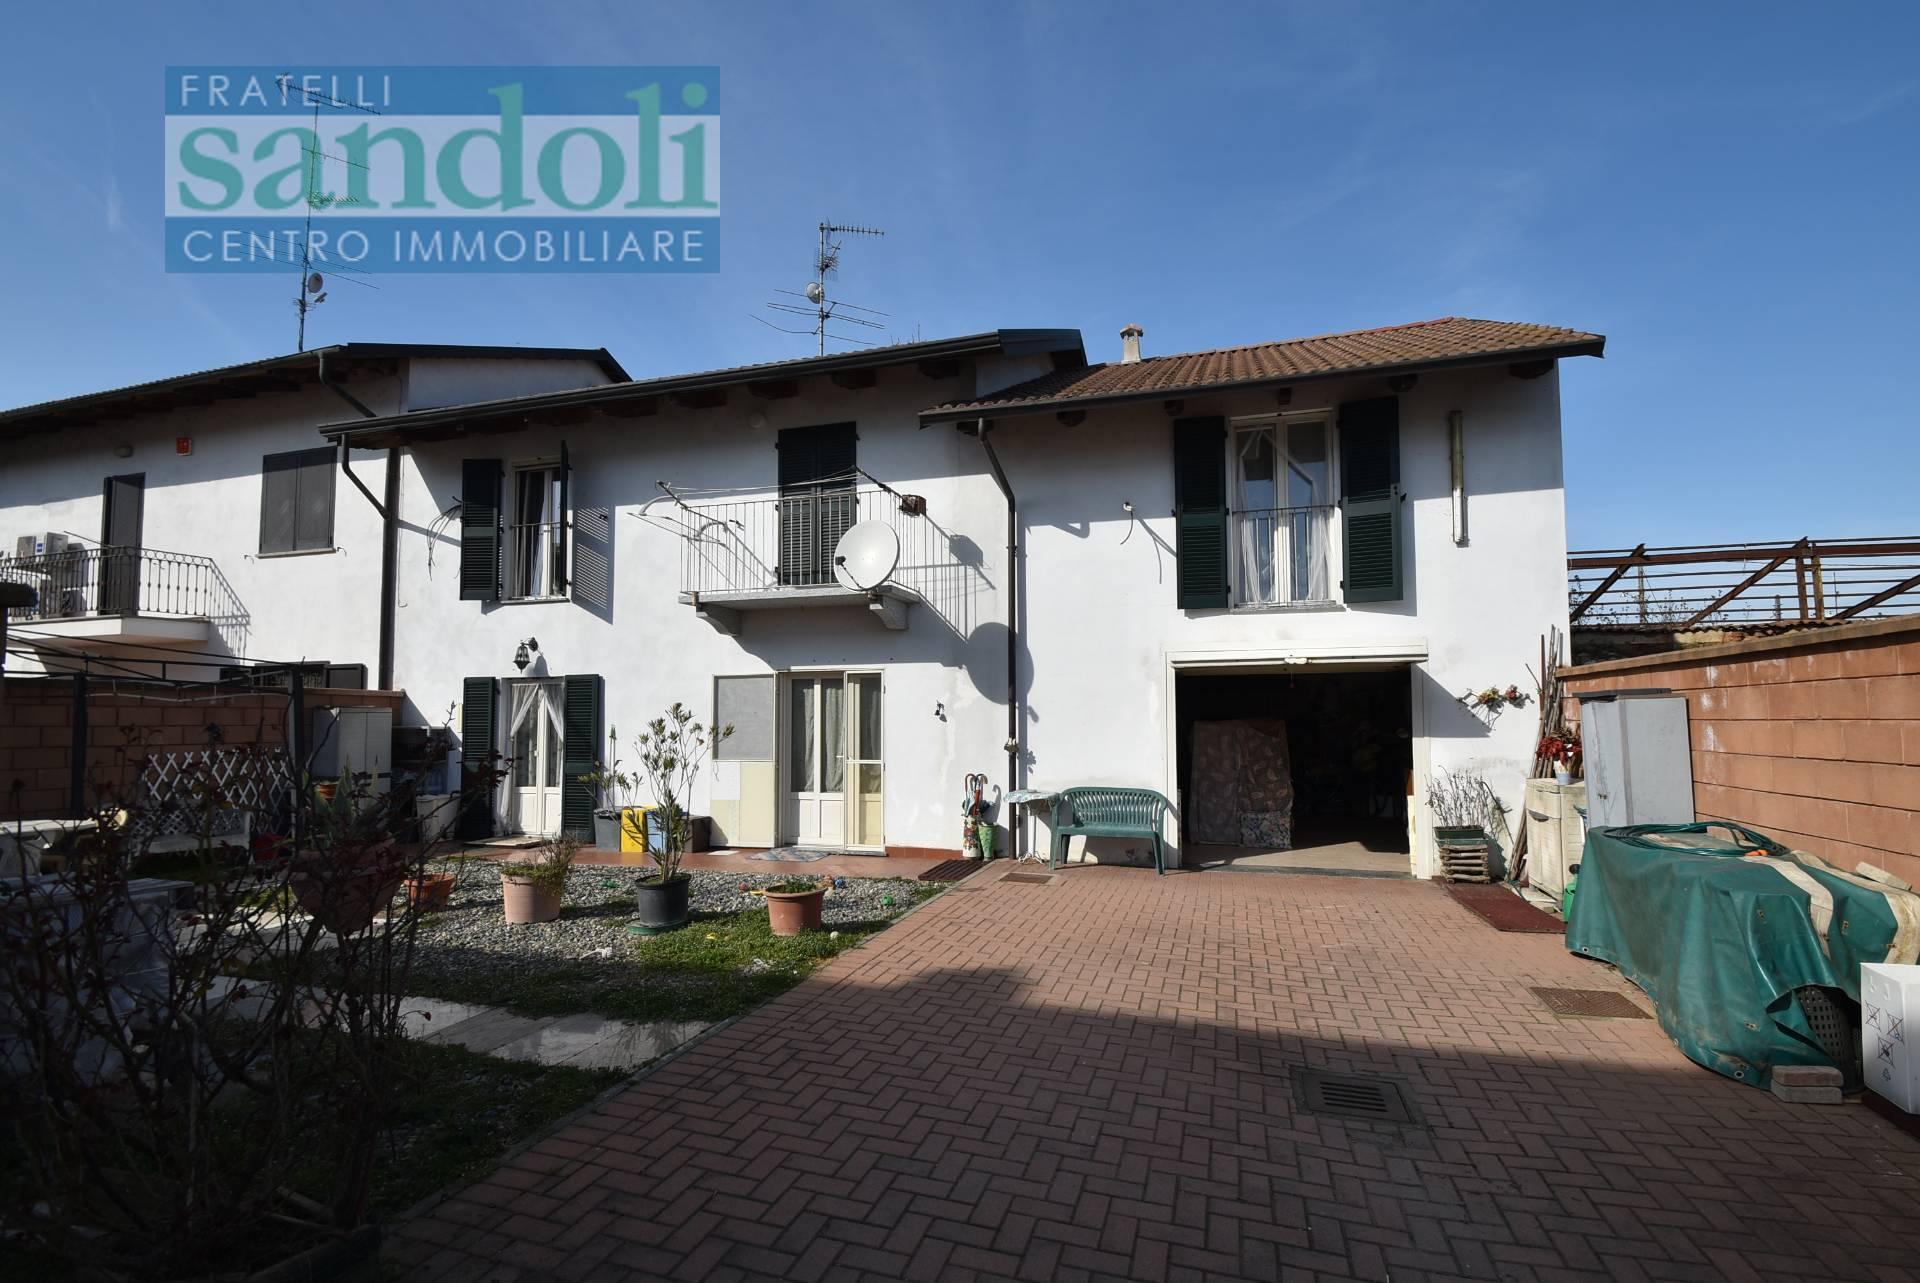 Vendita Casa Indipendente Casa/Villa Asigliano Vercellese 261840